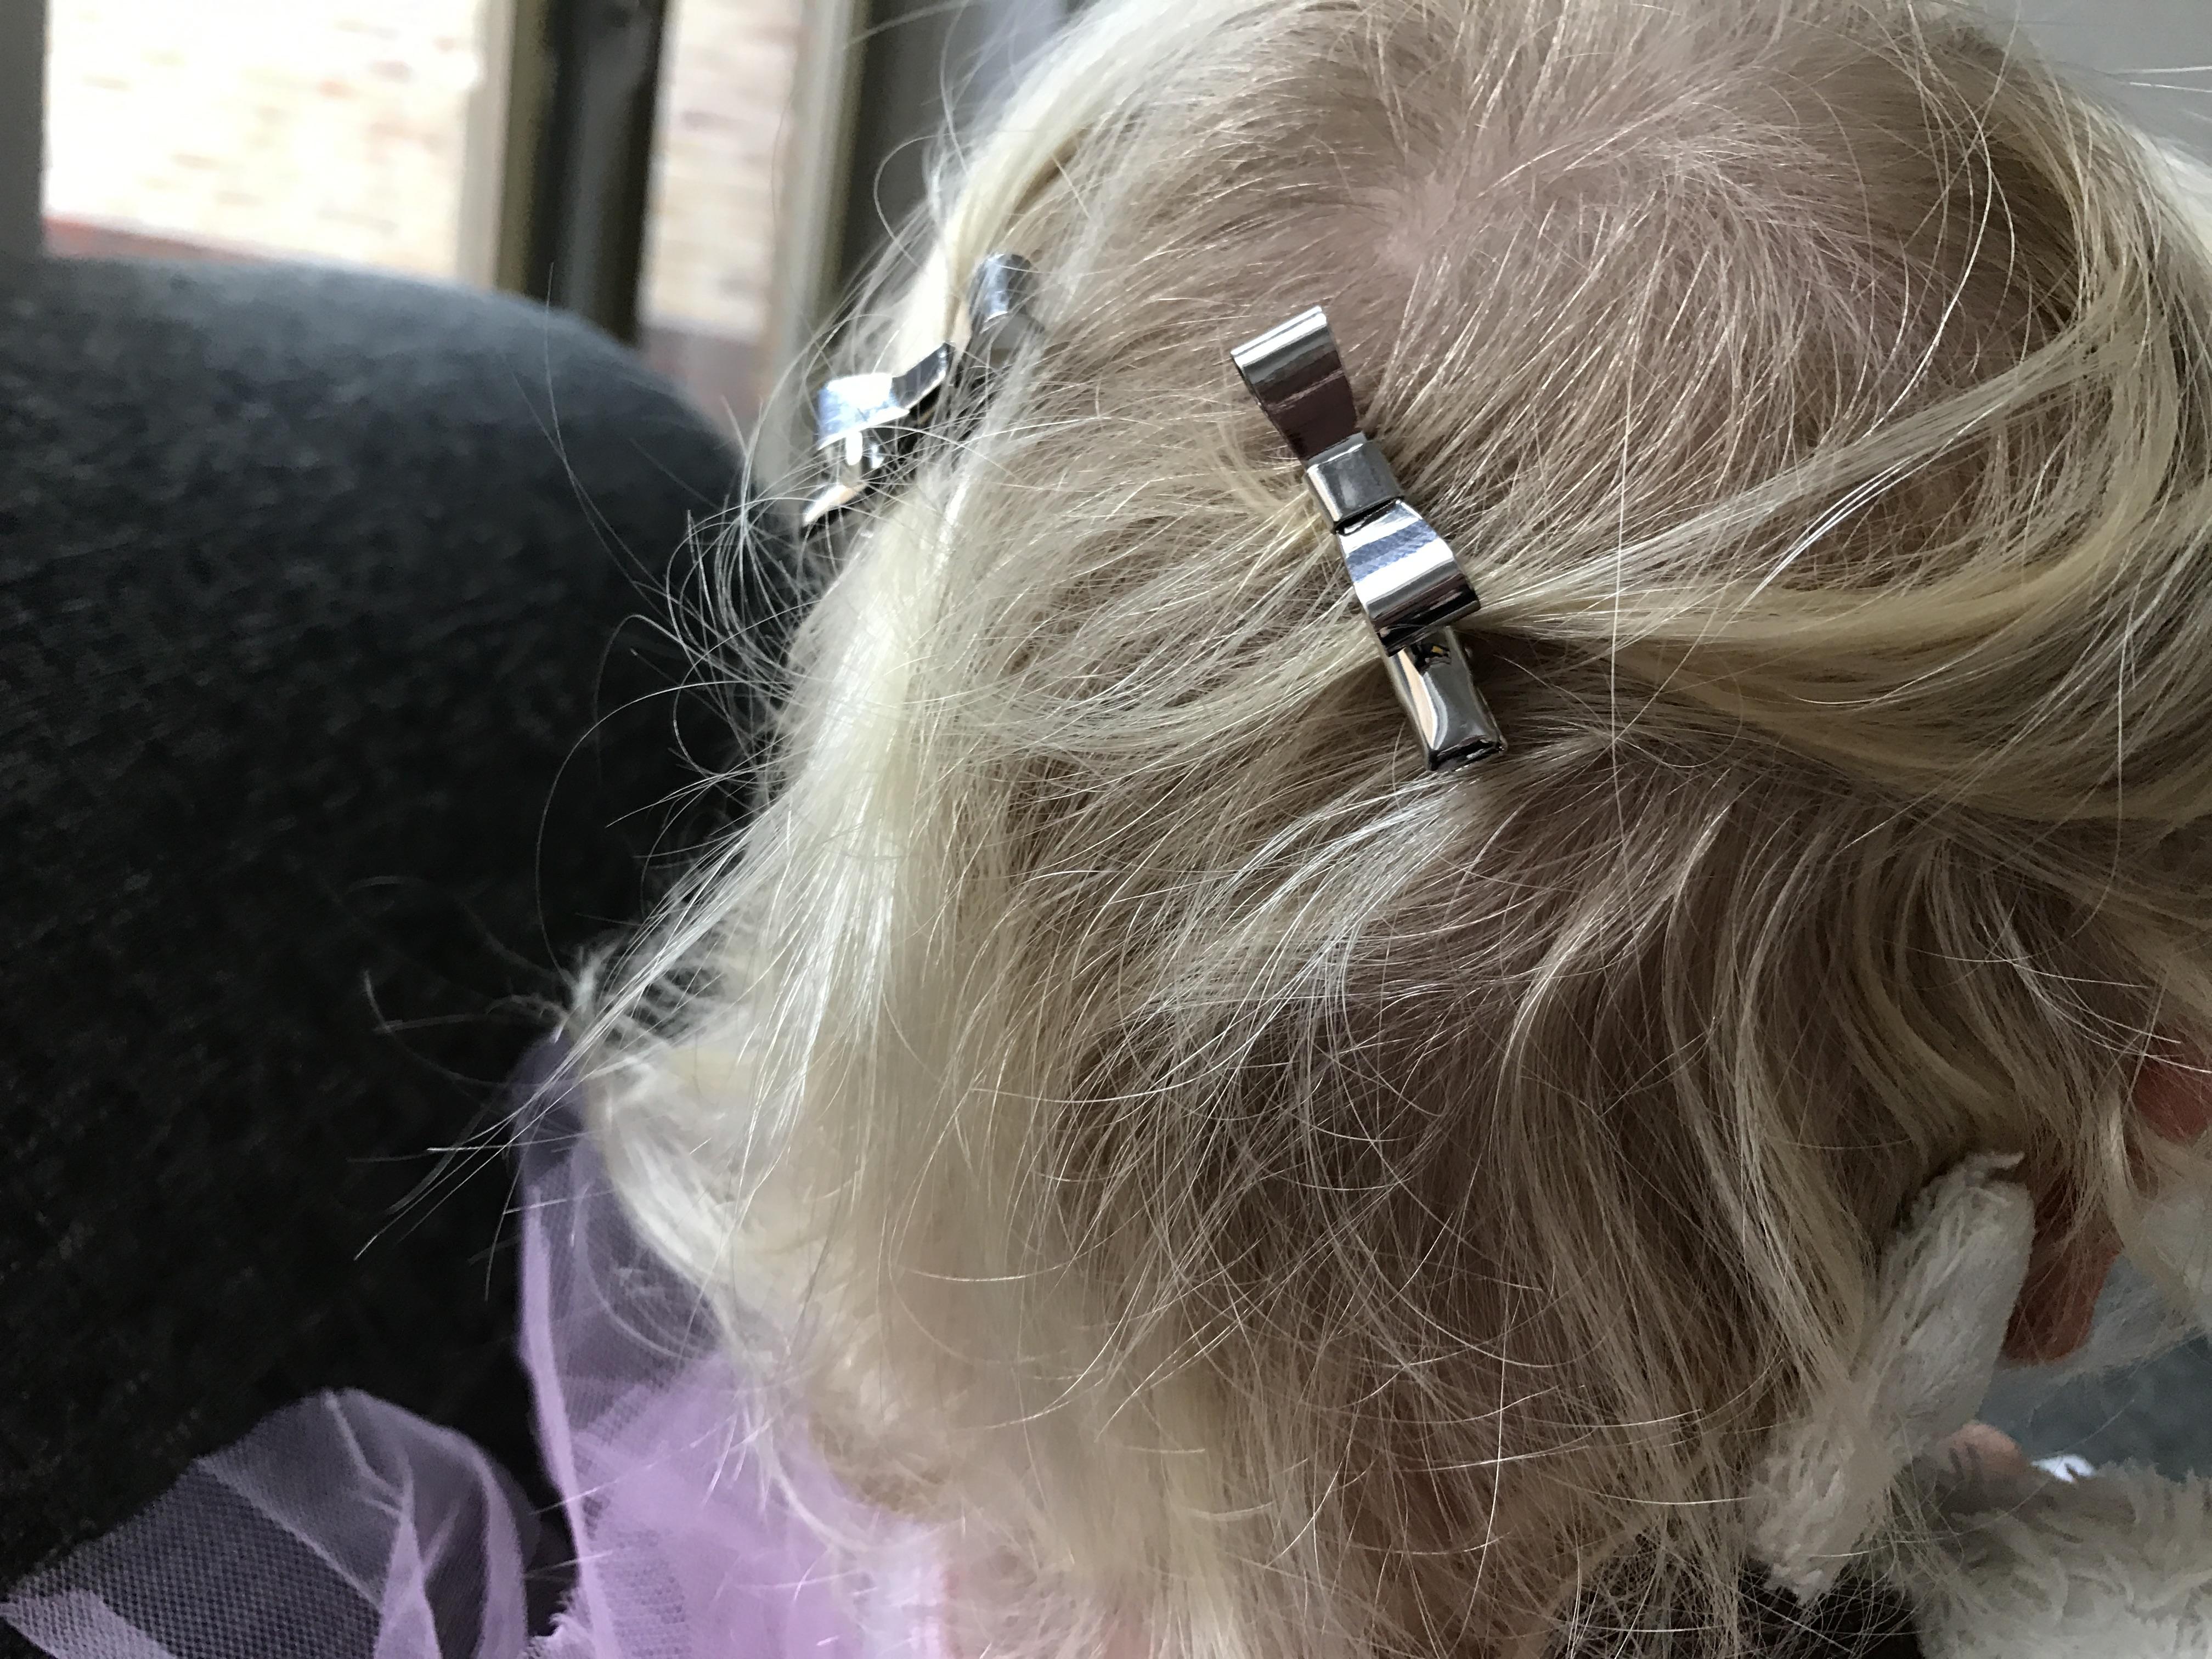 11-16-zenner-haarband-zilver-vlinders-kerst-sinterklaas-cadeau-tip-ballerina-mooi-haar-haaraccessoires-2-jaar-nanny-moeder-amsterdam-elastiekjes-mooi